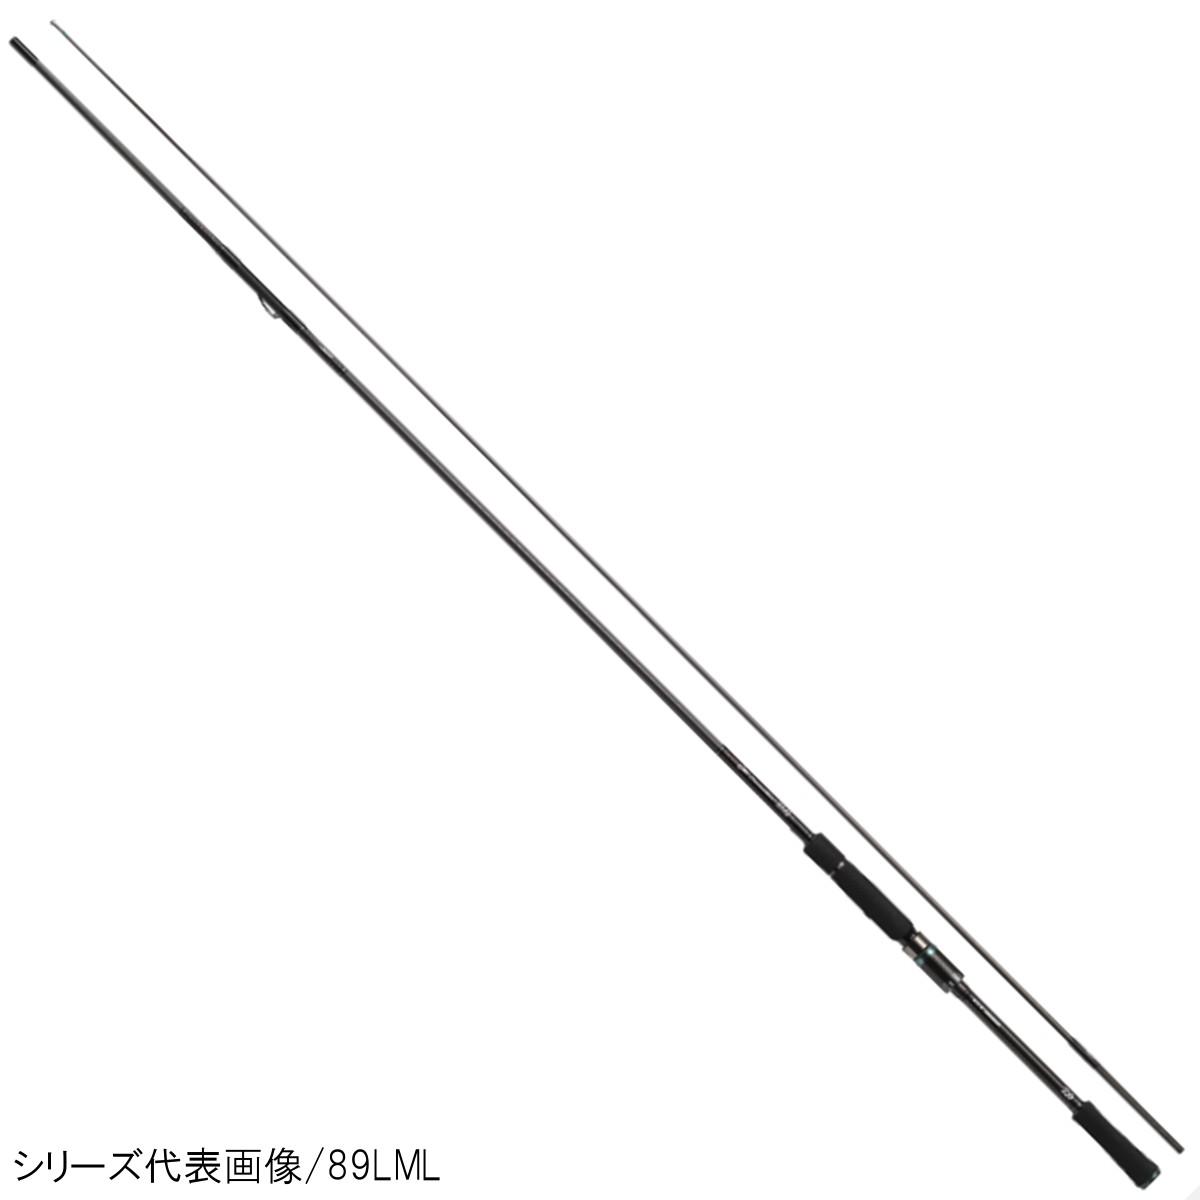 ダイワ エメラルダス STOIST AGS IL (インターラインモデル) 99LML【大型商品】